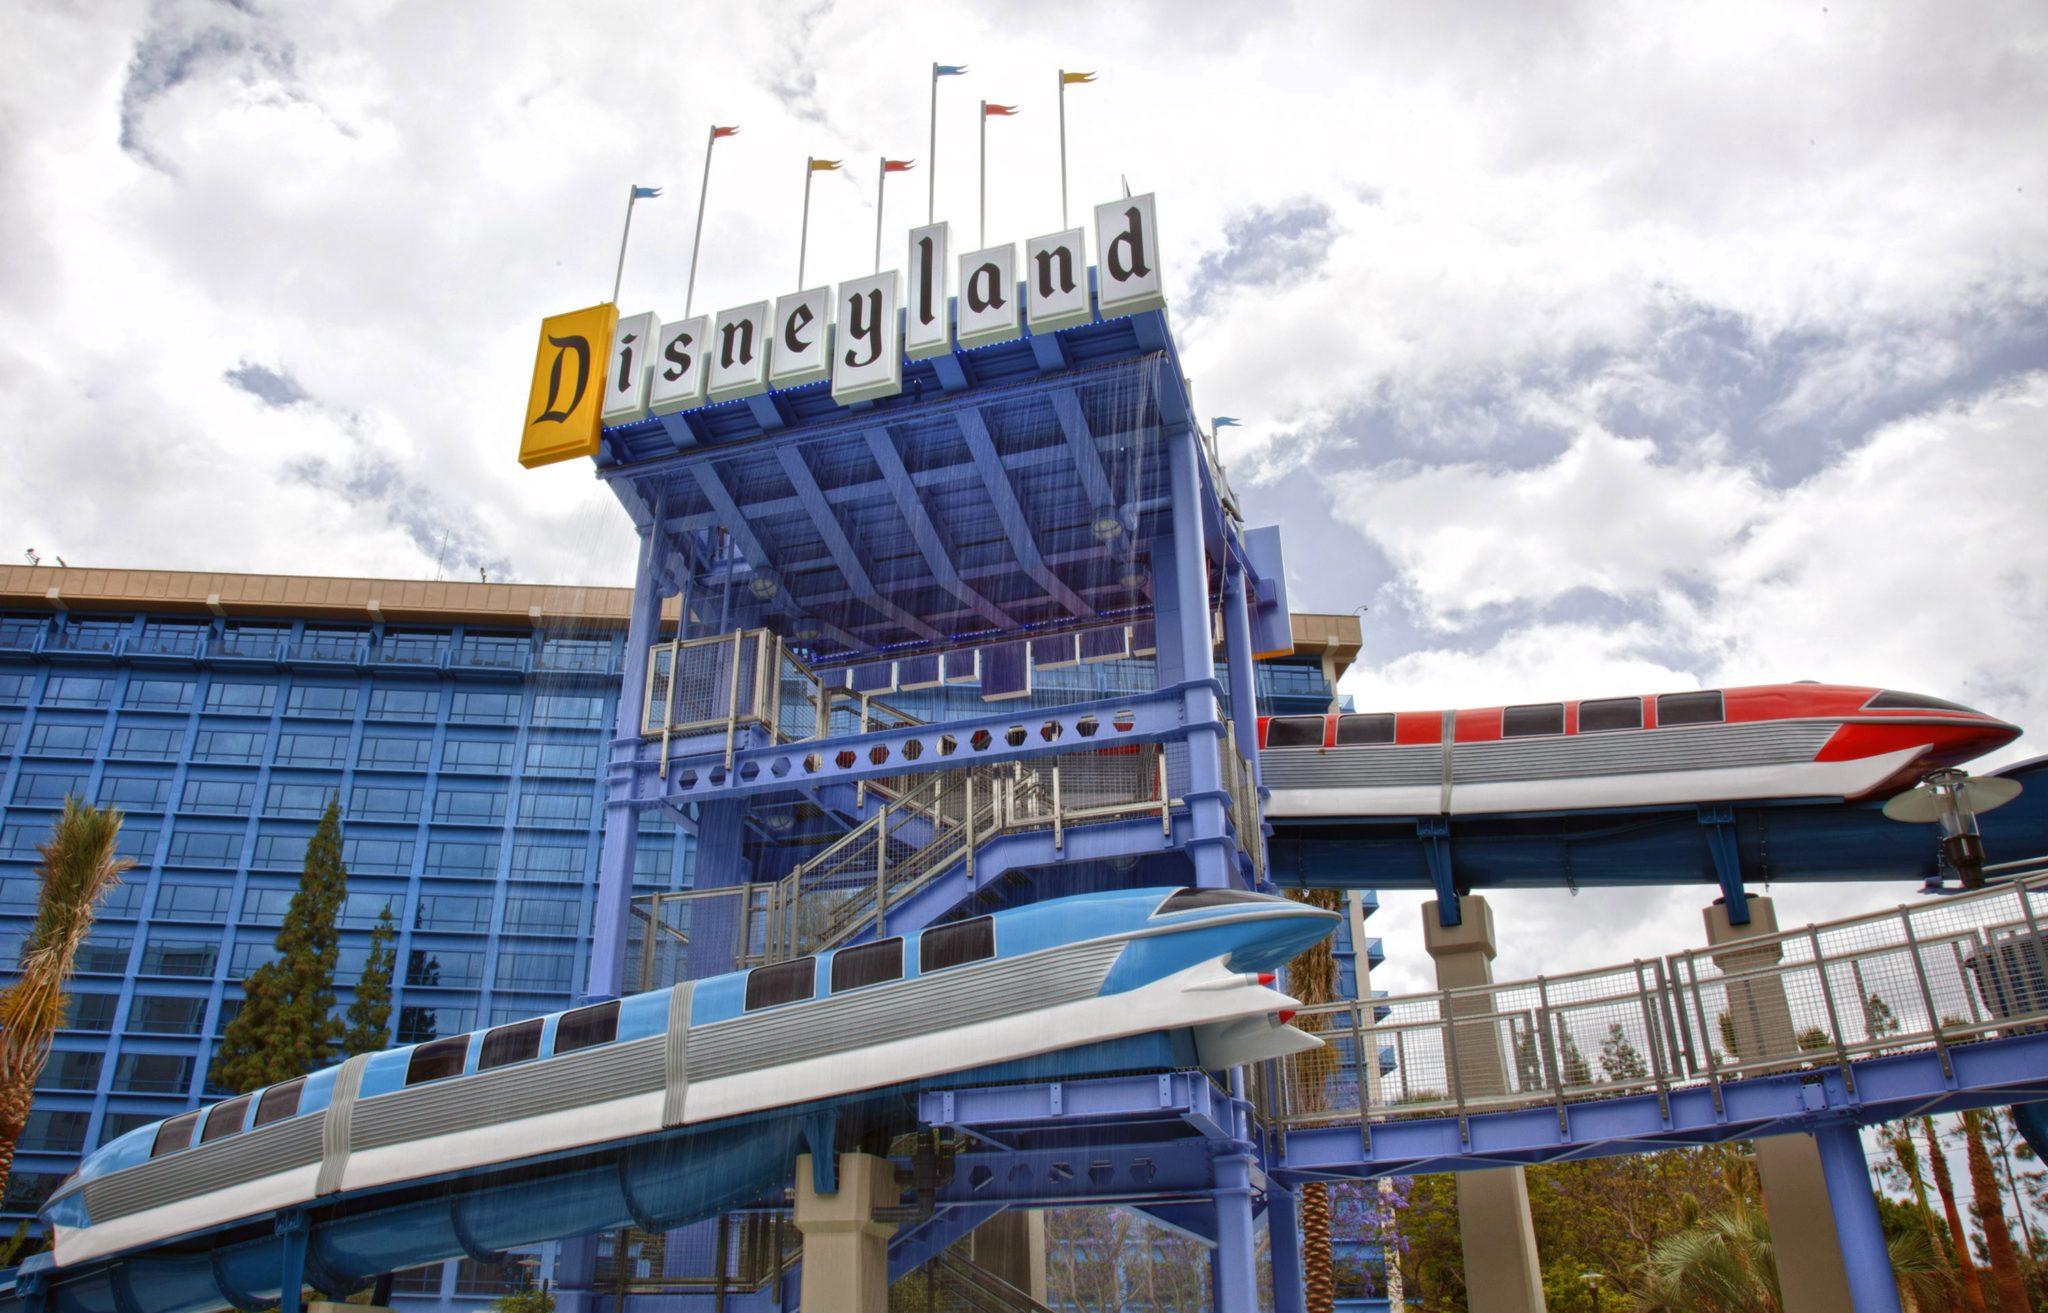 disneyland casino